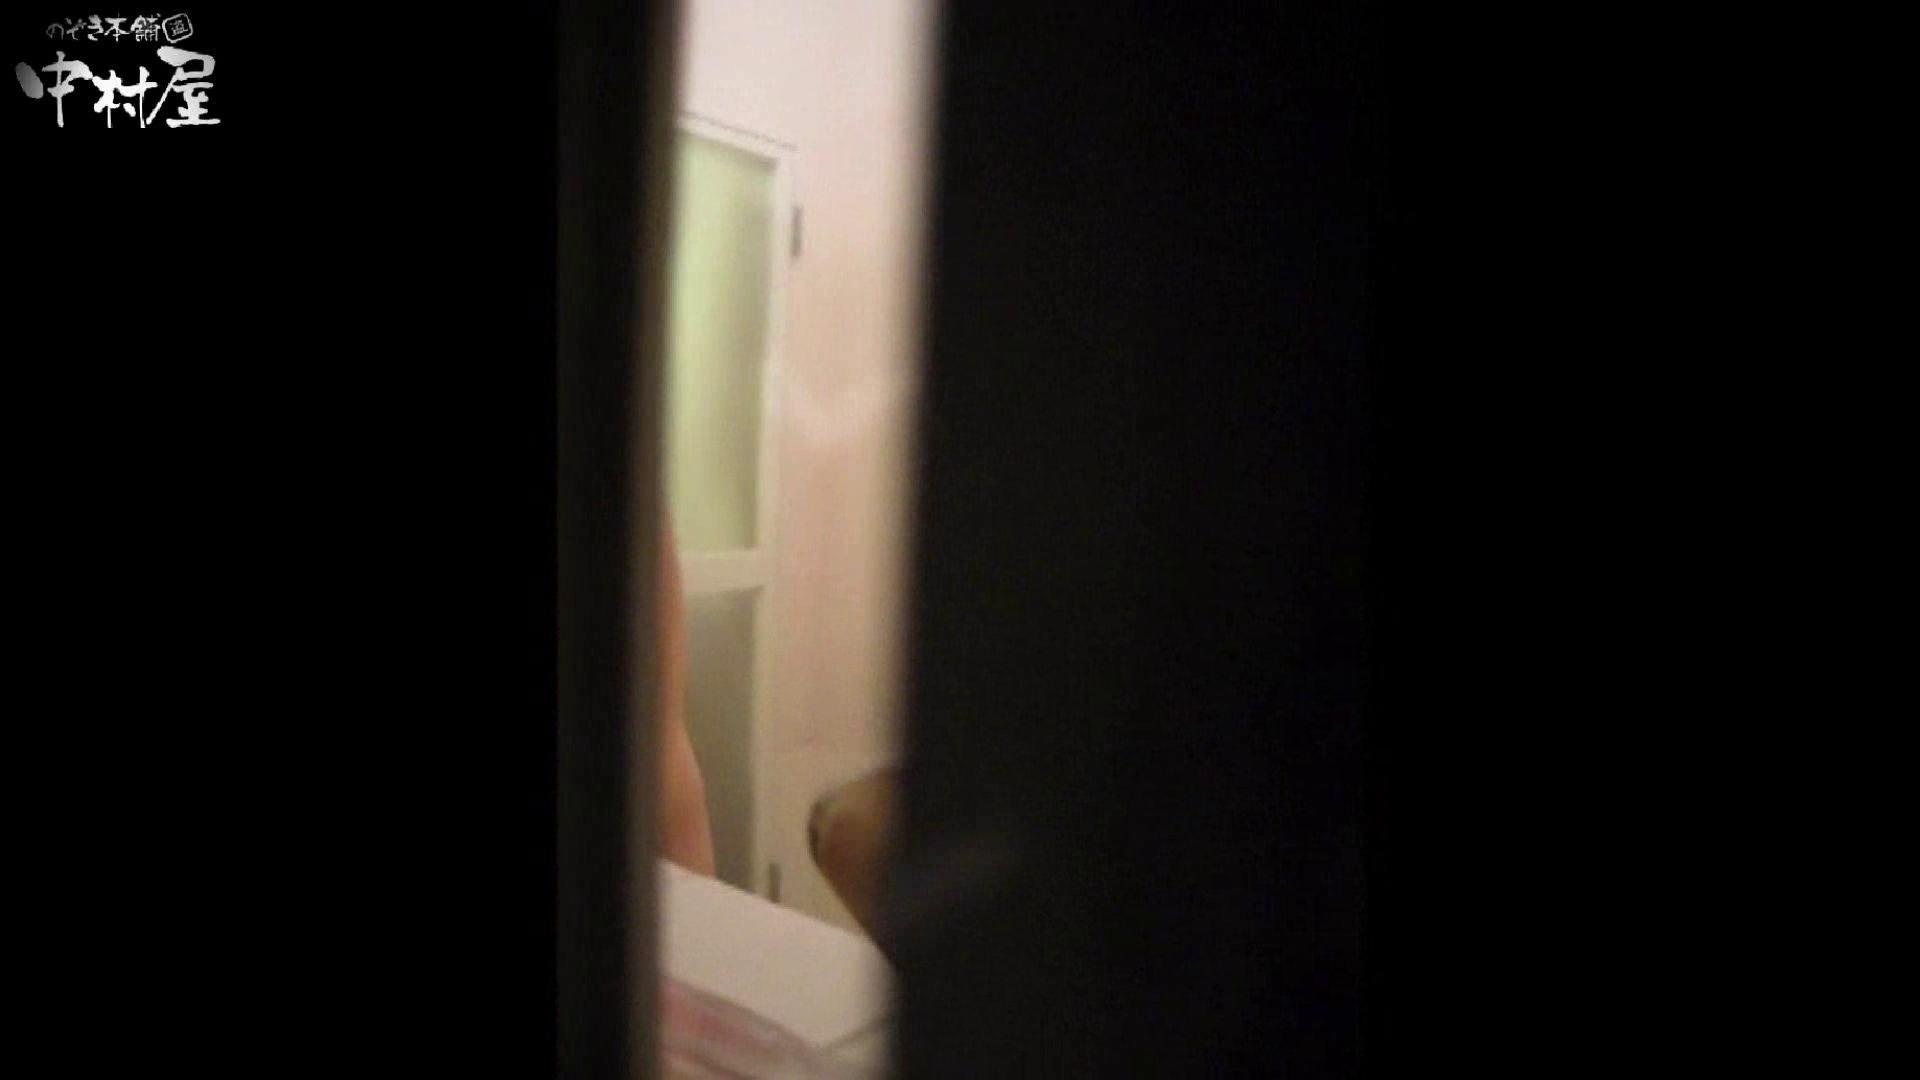 民家風呂専門盗撮師の超危険映像 vol.015 エロい美少女 オマンコ動画キャプチャ 99PIX 64